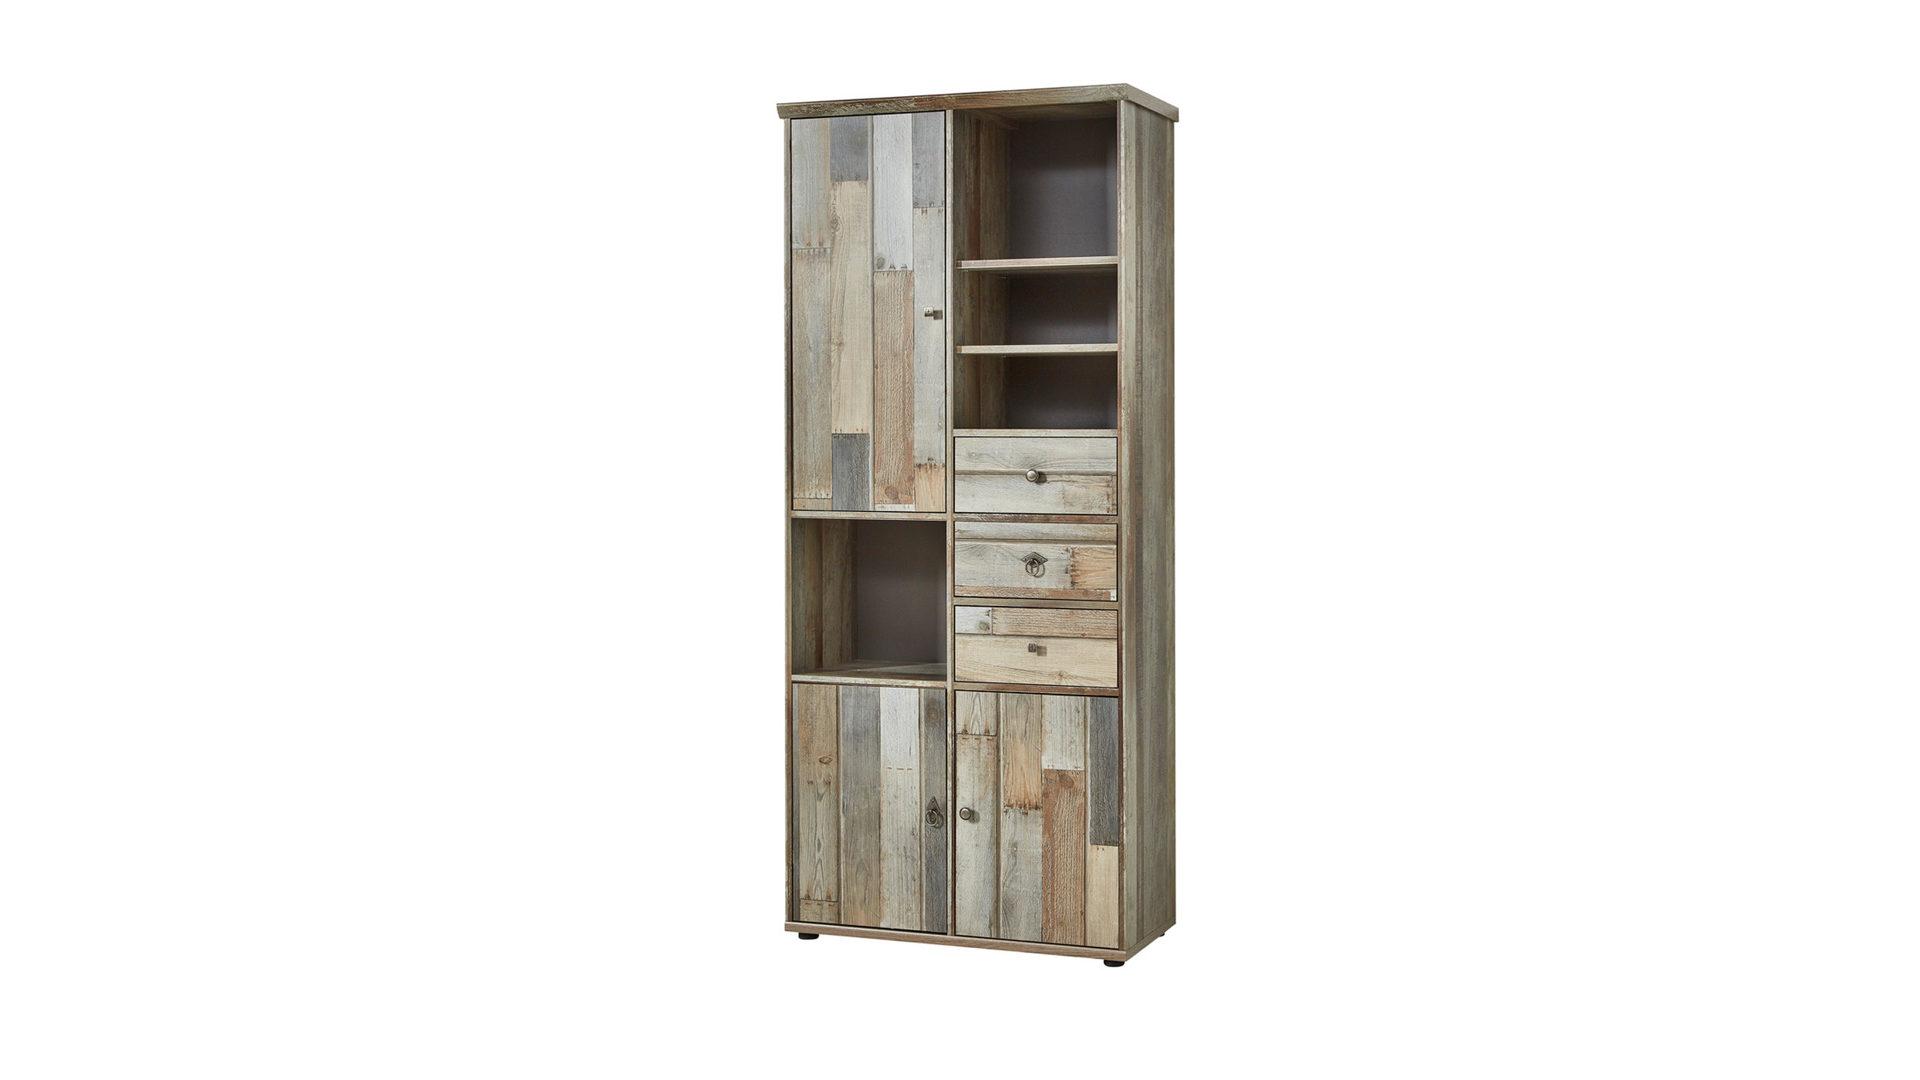 massivholzmobel wohnzimmerschrank, möbel bohn crailsheim, räume, wohnzimmer, schränke + wohnwände, Design ideen